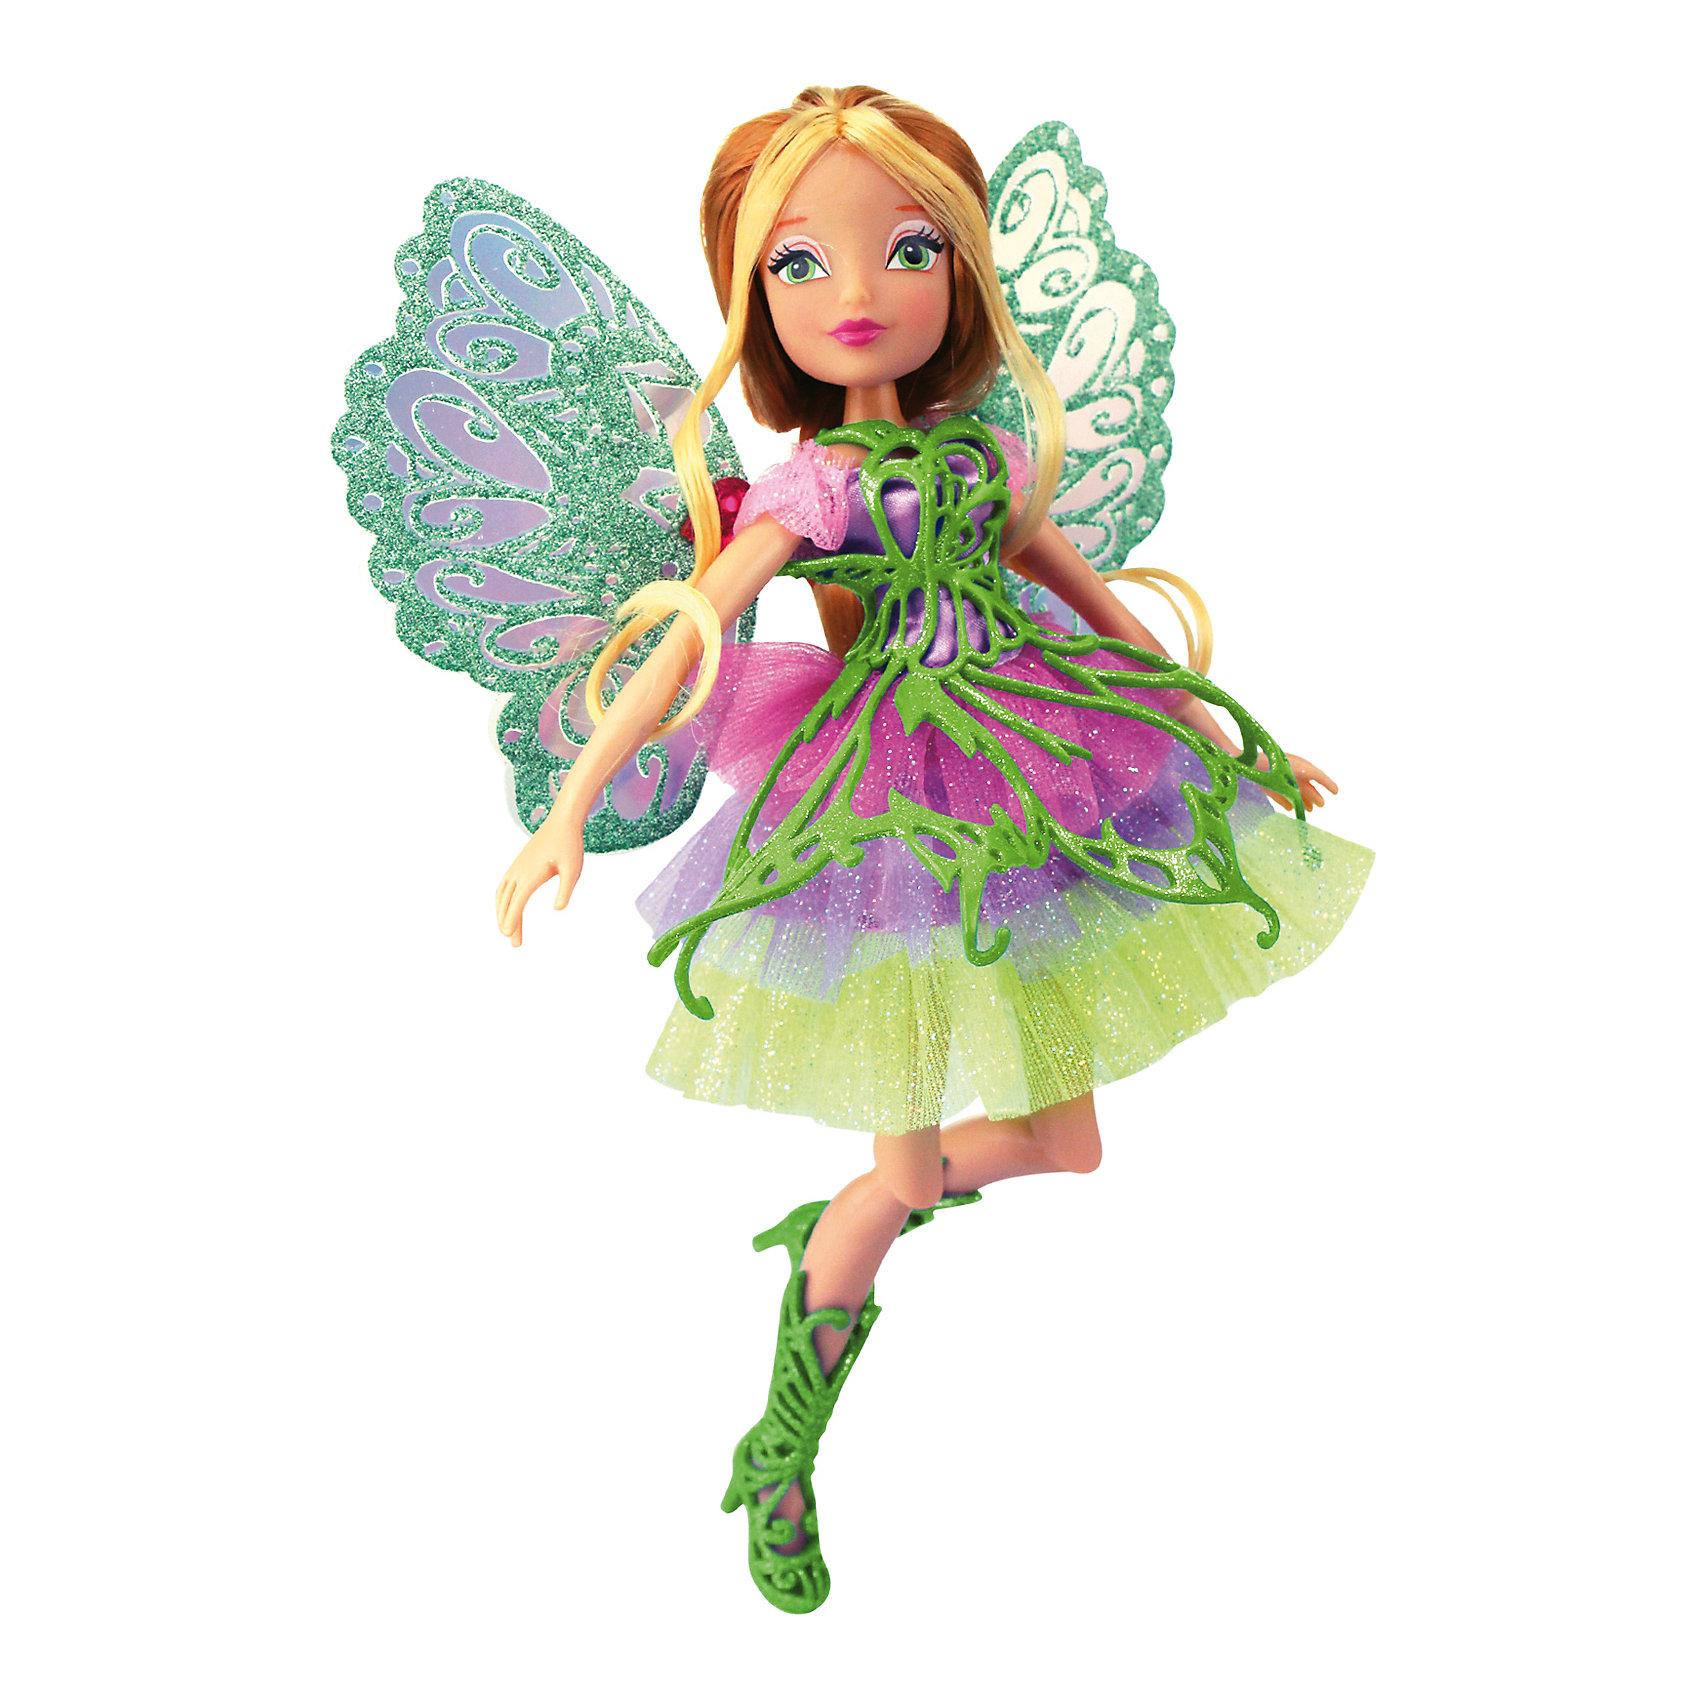 Кукла Winx Club Баттерфликс ФлораОчаровательные куколки выглядят в точности так же, как и героини мультсериала «Winx Club» (Винкс Клуб). Волшебница Флора одета в красивое  платье, состоящее из  приталенного лифа и пышной разноцветной юбки. На ногах куколки - зеленые плетеные сапожки. Оригинальный аксессуар - съемная плетеная накладка на платье, делает образ феи еще более невесомым и воздушным. Длинные белокурые волосы куклы очень приятно расчесывать, создавая великолепные прически. Позвольте вашей девочке почувствовать себя настоящей феей вместе с любимыми героинями. Собери все куколок, проигрывай запомнившиеся моменты из мультсериала или придумывай свои новые истории! <br><br>Дополнительная информация:<br><br>- Комплектация: кукла, расческа, съемные крылья, одежда, обувь.<br>- Материал:  пластик, текстиль. <br>- Высота куклы: 28 см.<br>- Голова, руки, ноги подвижные. <br><br>Куклу Winx Club Баттерфликс, Флору, можно купить в нашем магазине.<br><br>Ширина мм: 290<br>Глубина мм: 60<br>Высота мм: 345<br>Вес г: 420<br>Возраст от месяцев: 36<br>Возраст до месяцев: 84<br>Пол: Женский<br>Возраст: Детский<br>SKU: 4345040